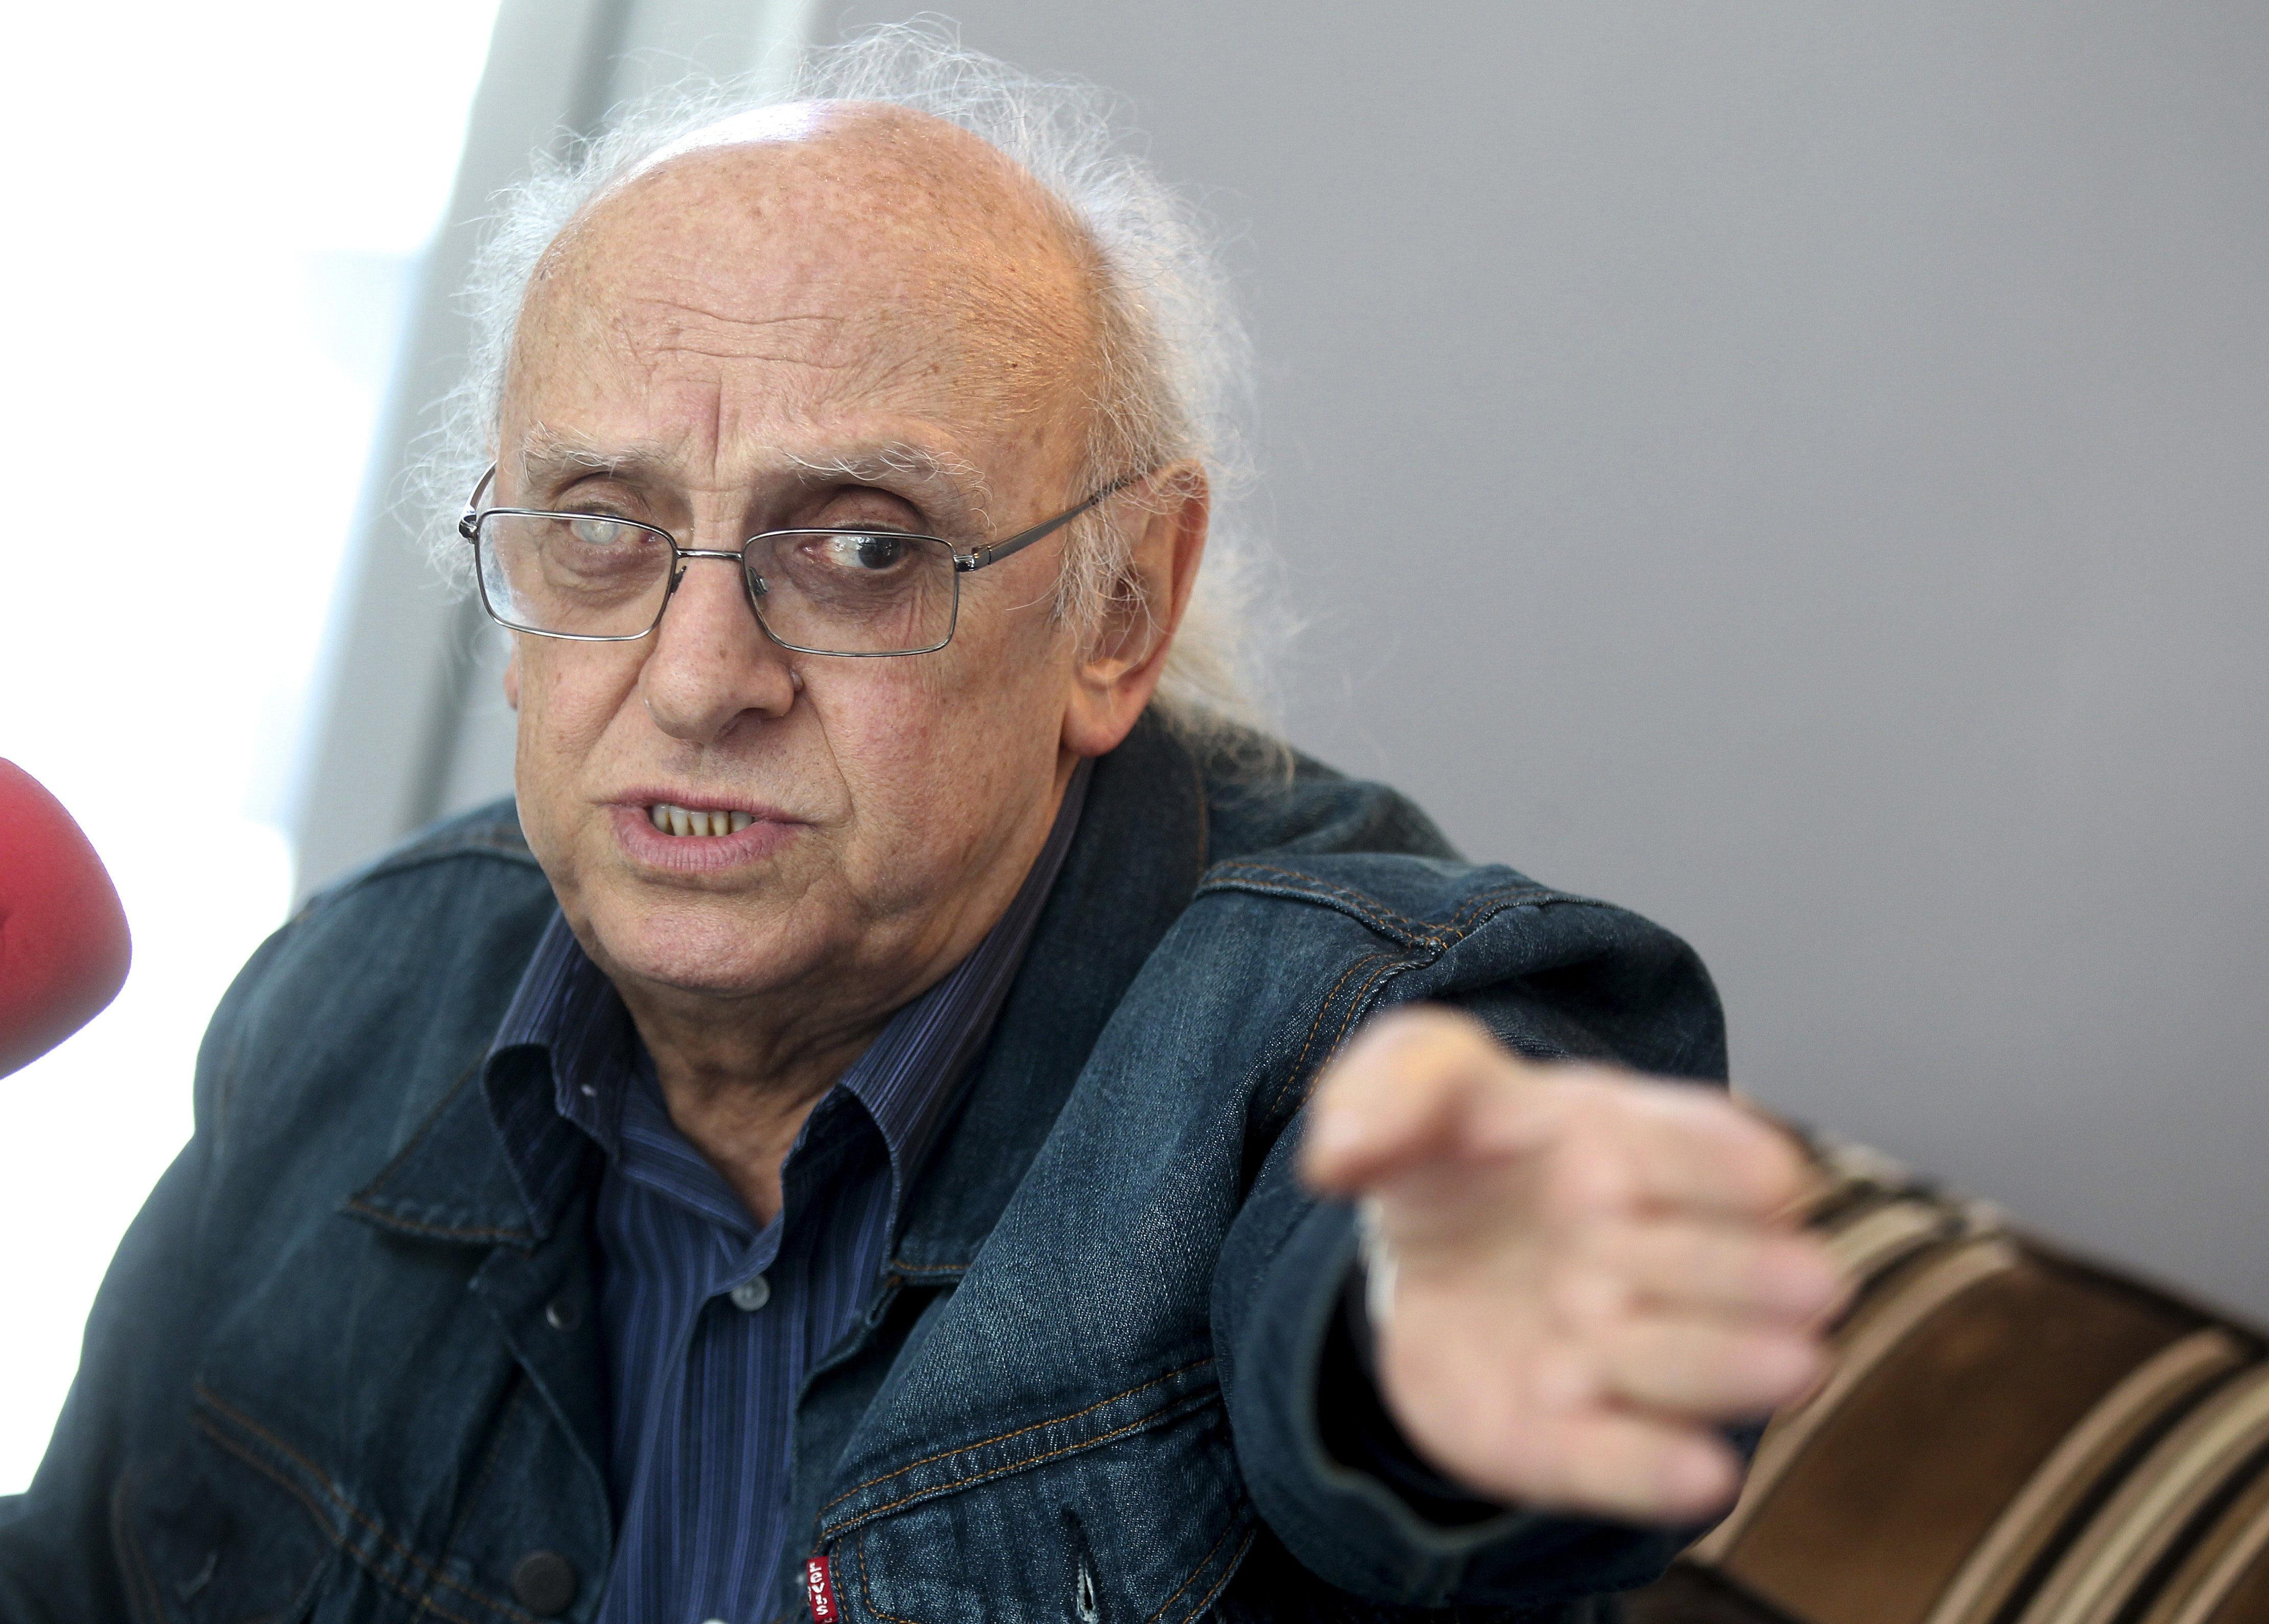 Márkaris dice que la cultura es el plato principal pero los políticos no lo entienden